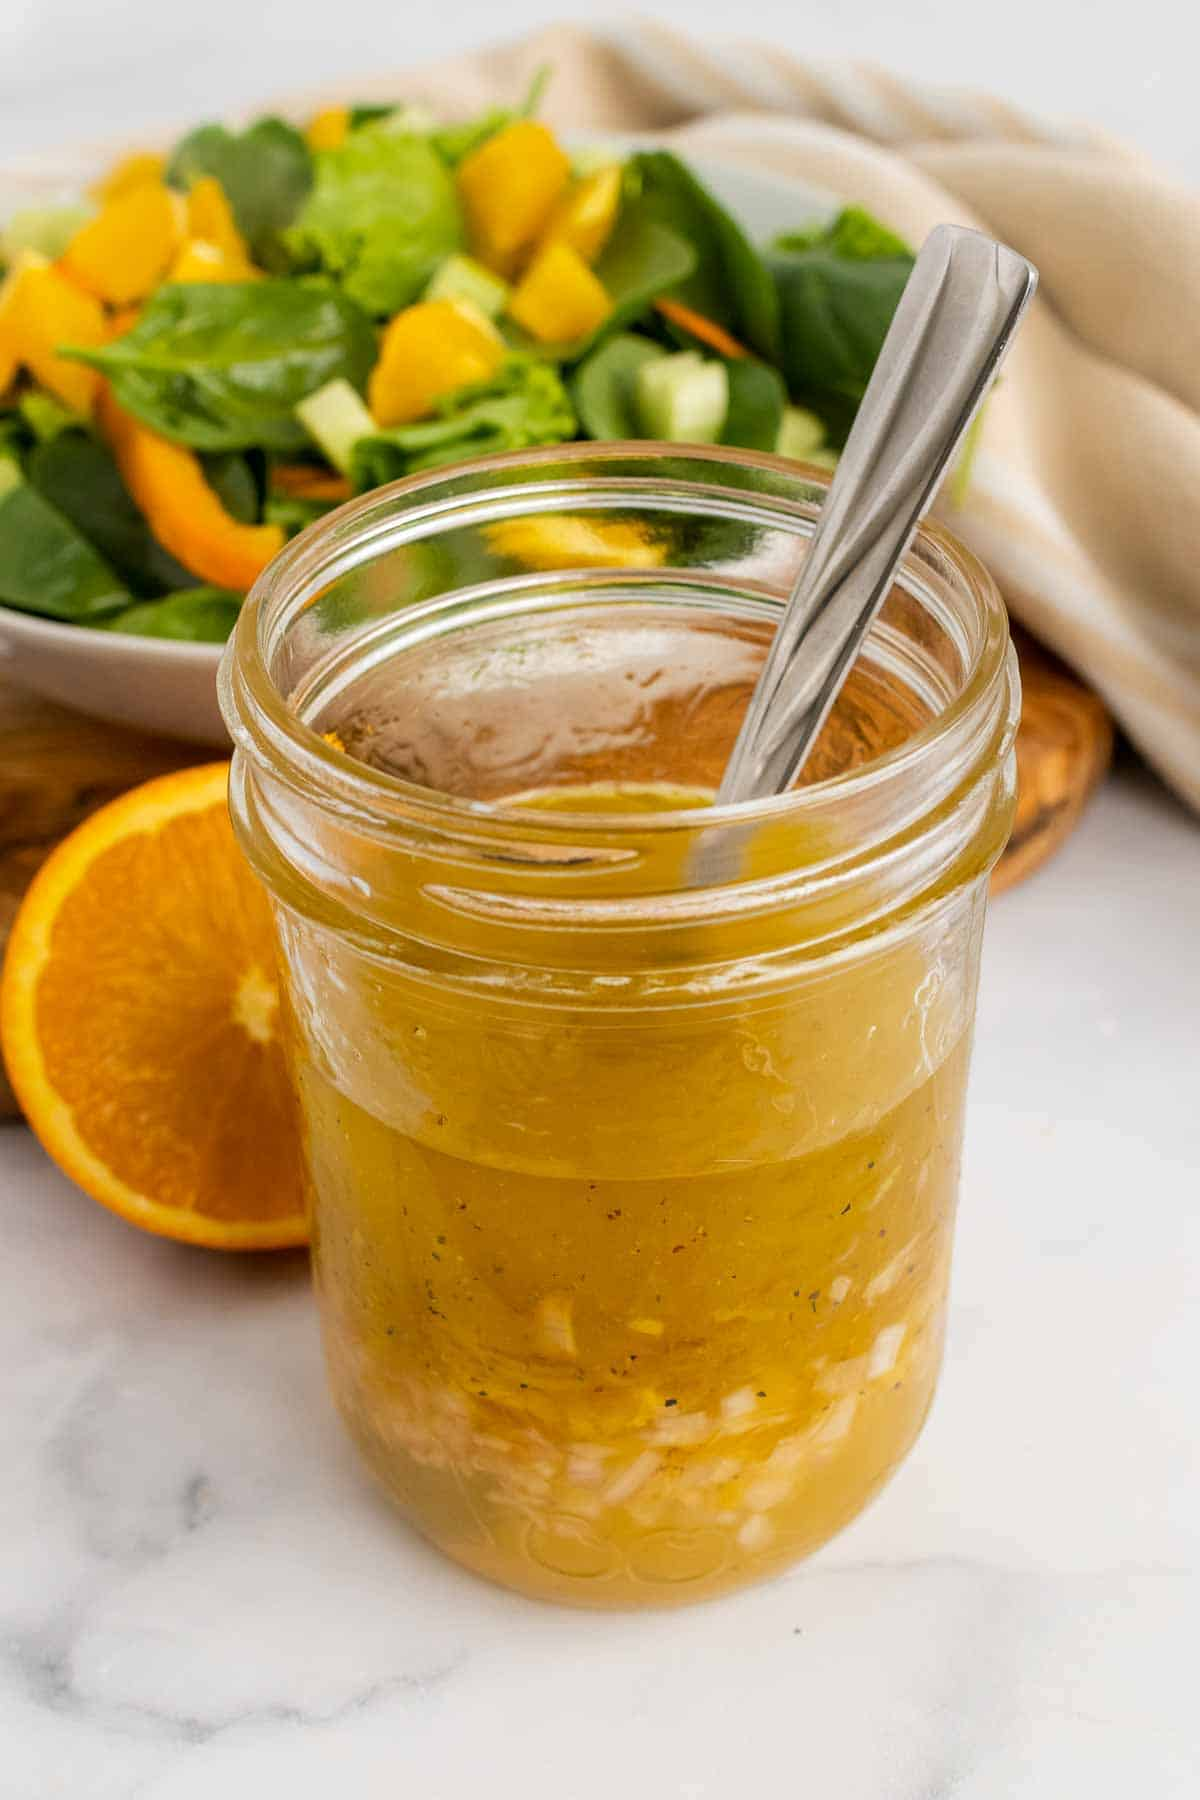 Glass jar with citrus vinaigrette